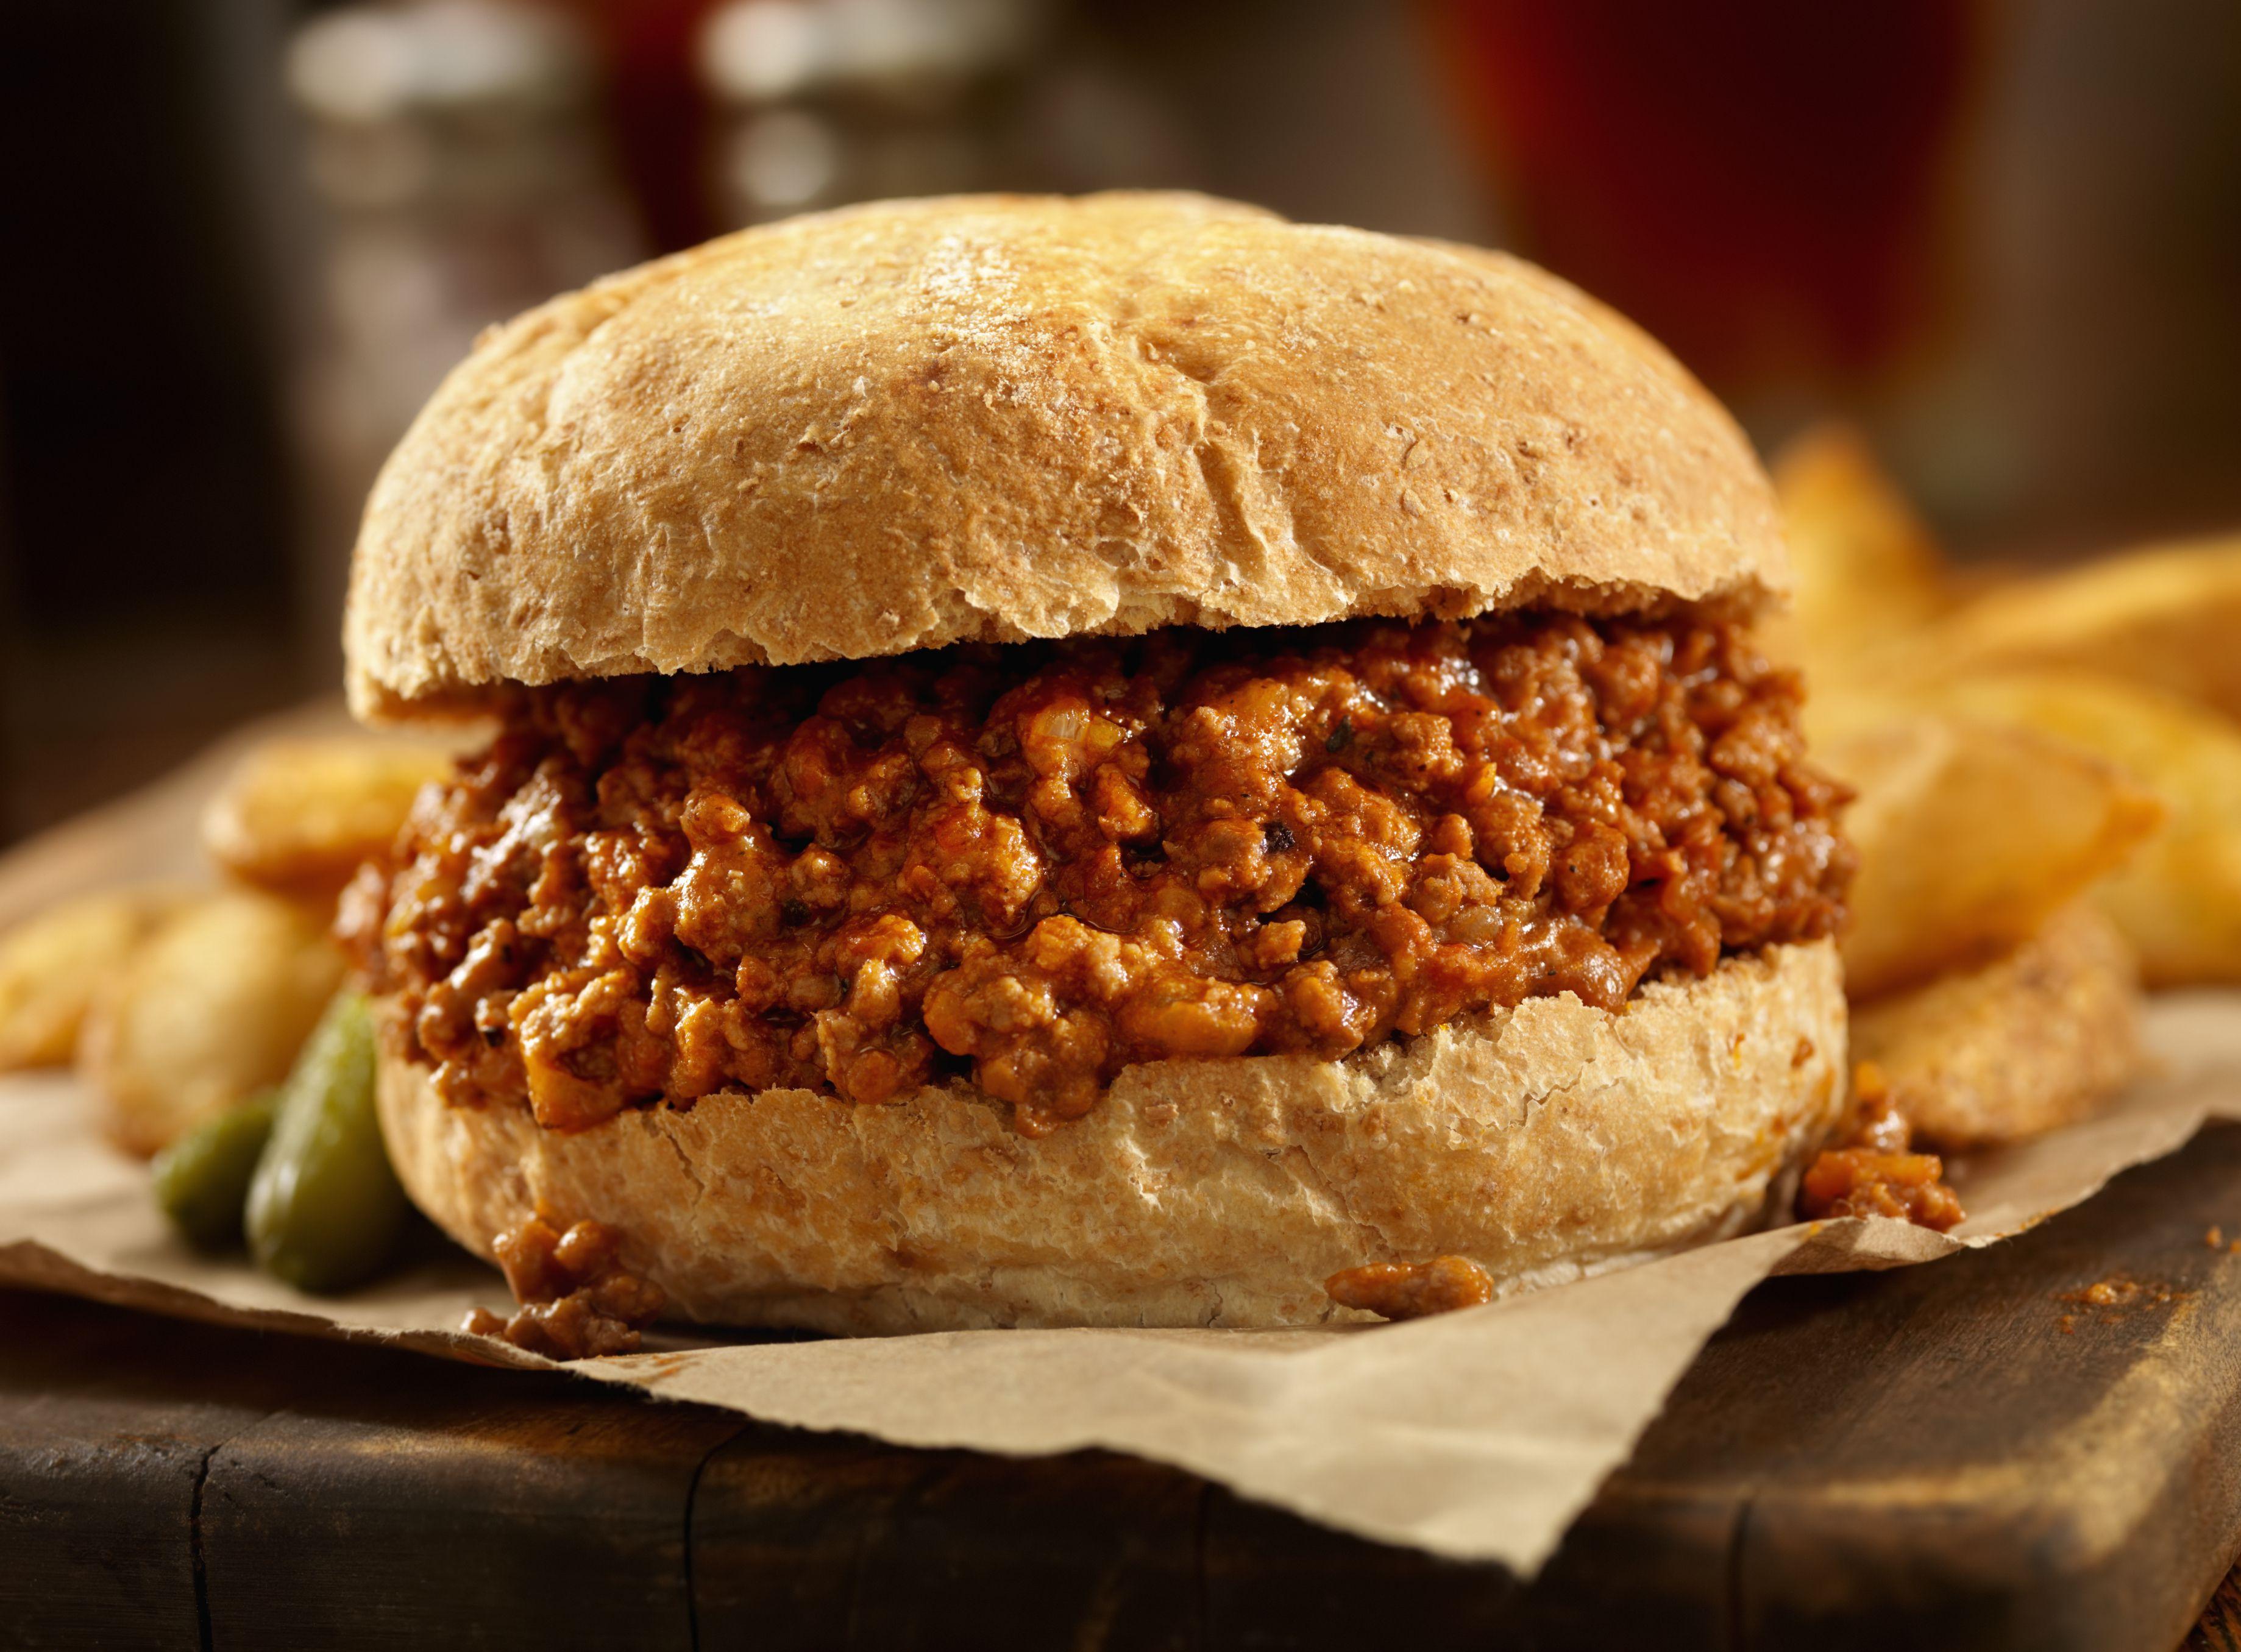 Sloppy joe sandwich on a bun